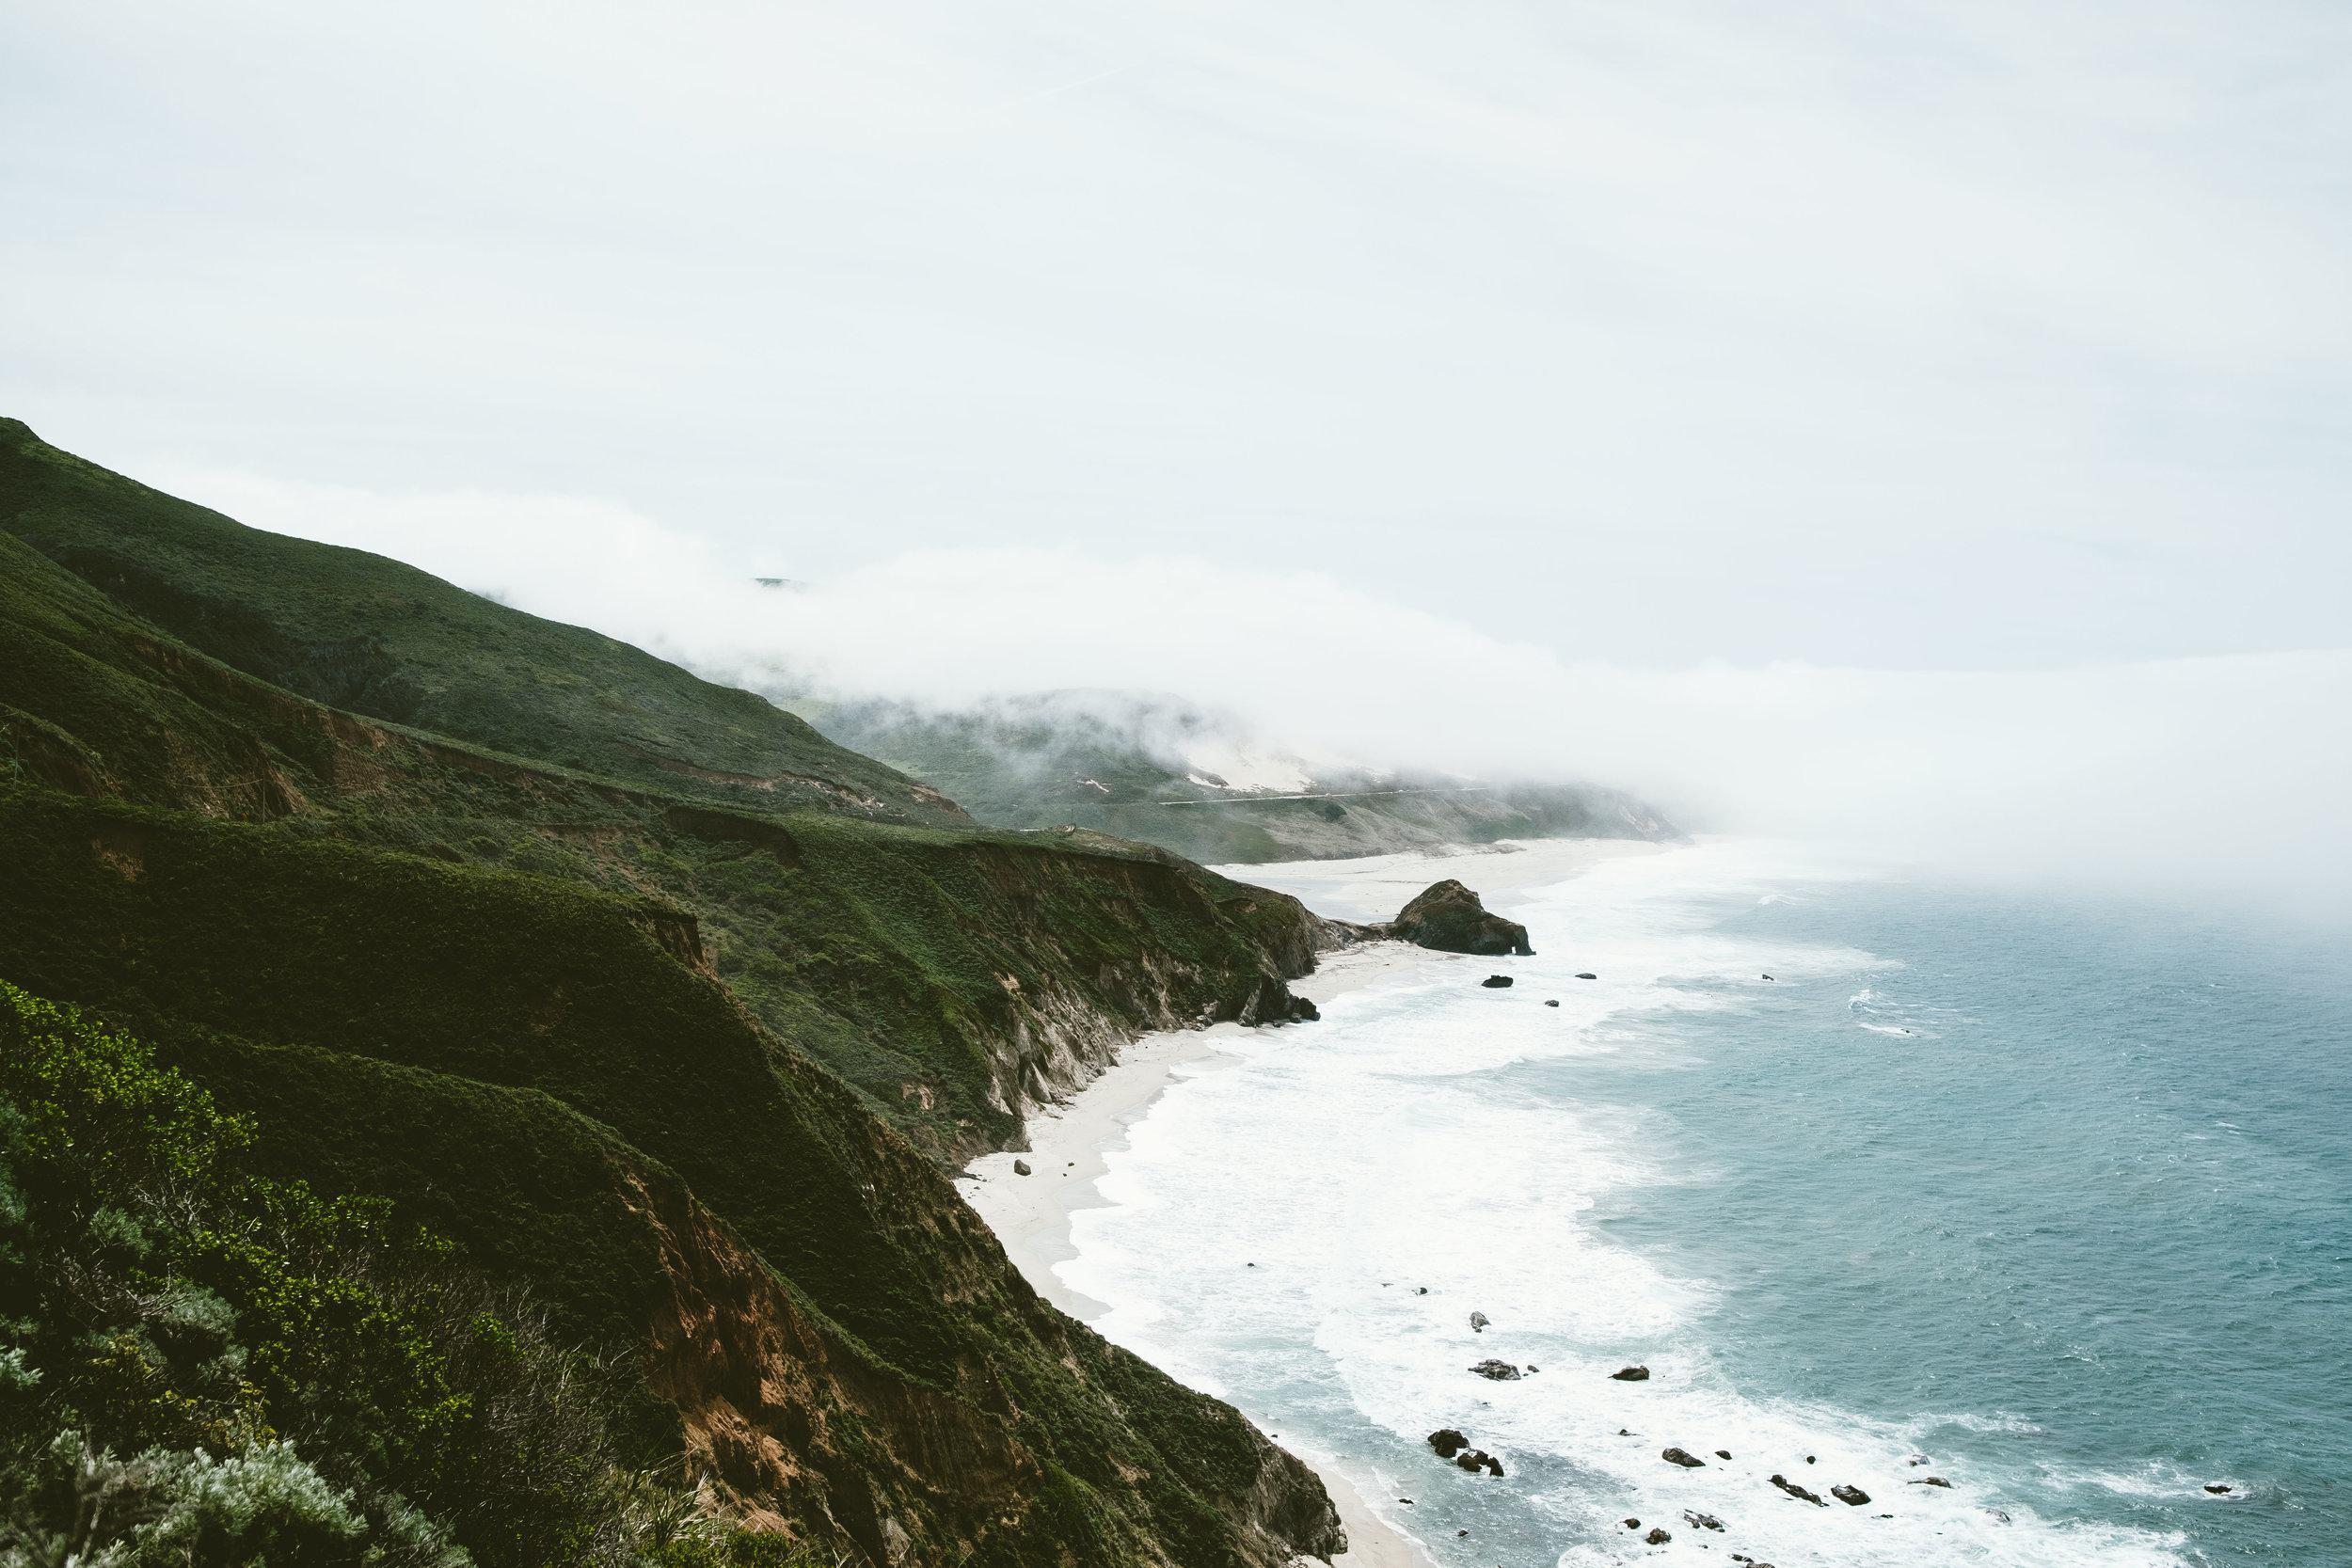 Cookwilltravel - Huckberry - Big Sur > Los Angeles - DSCF6913.jpg